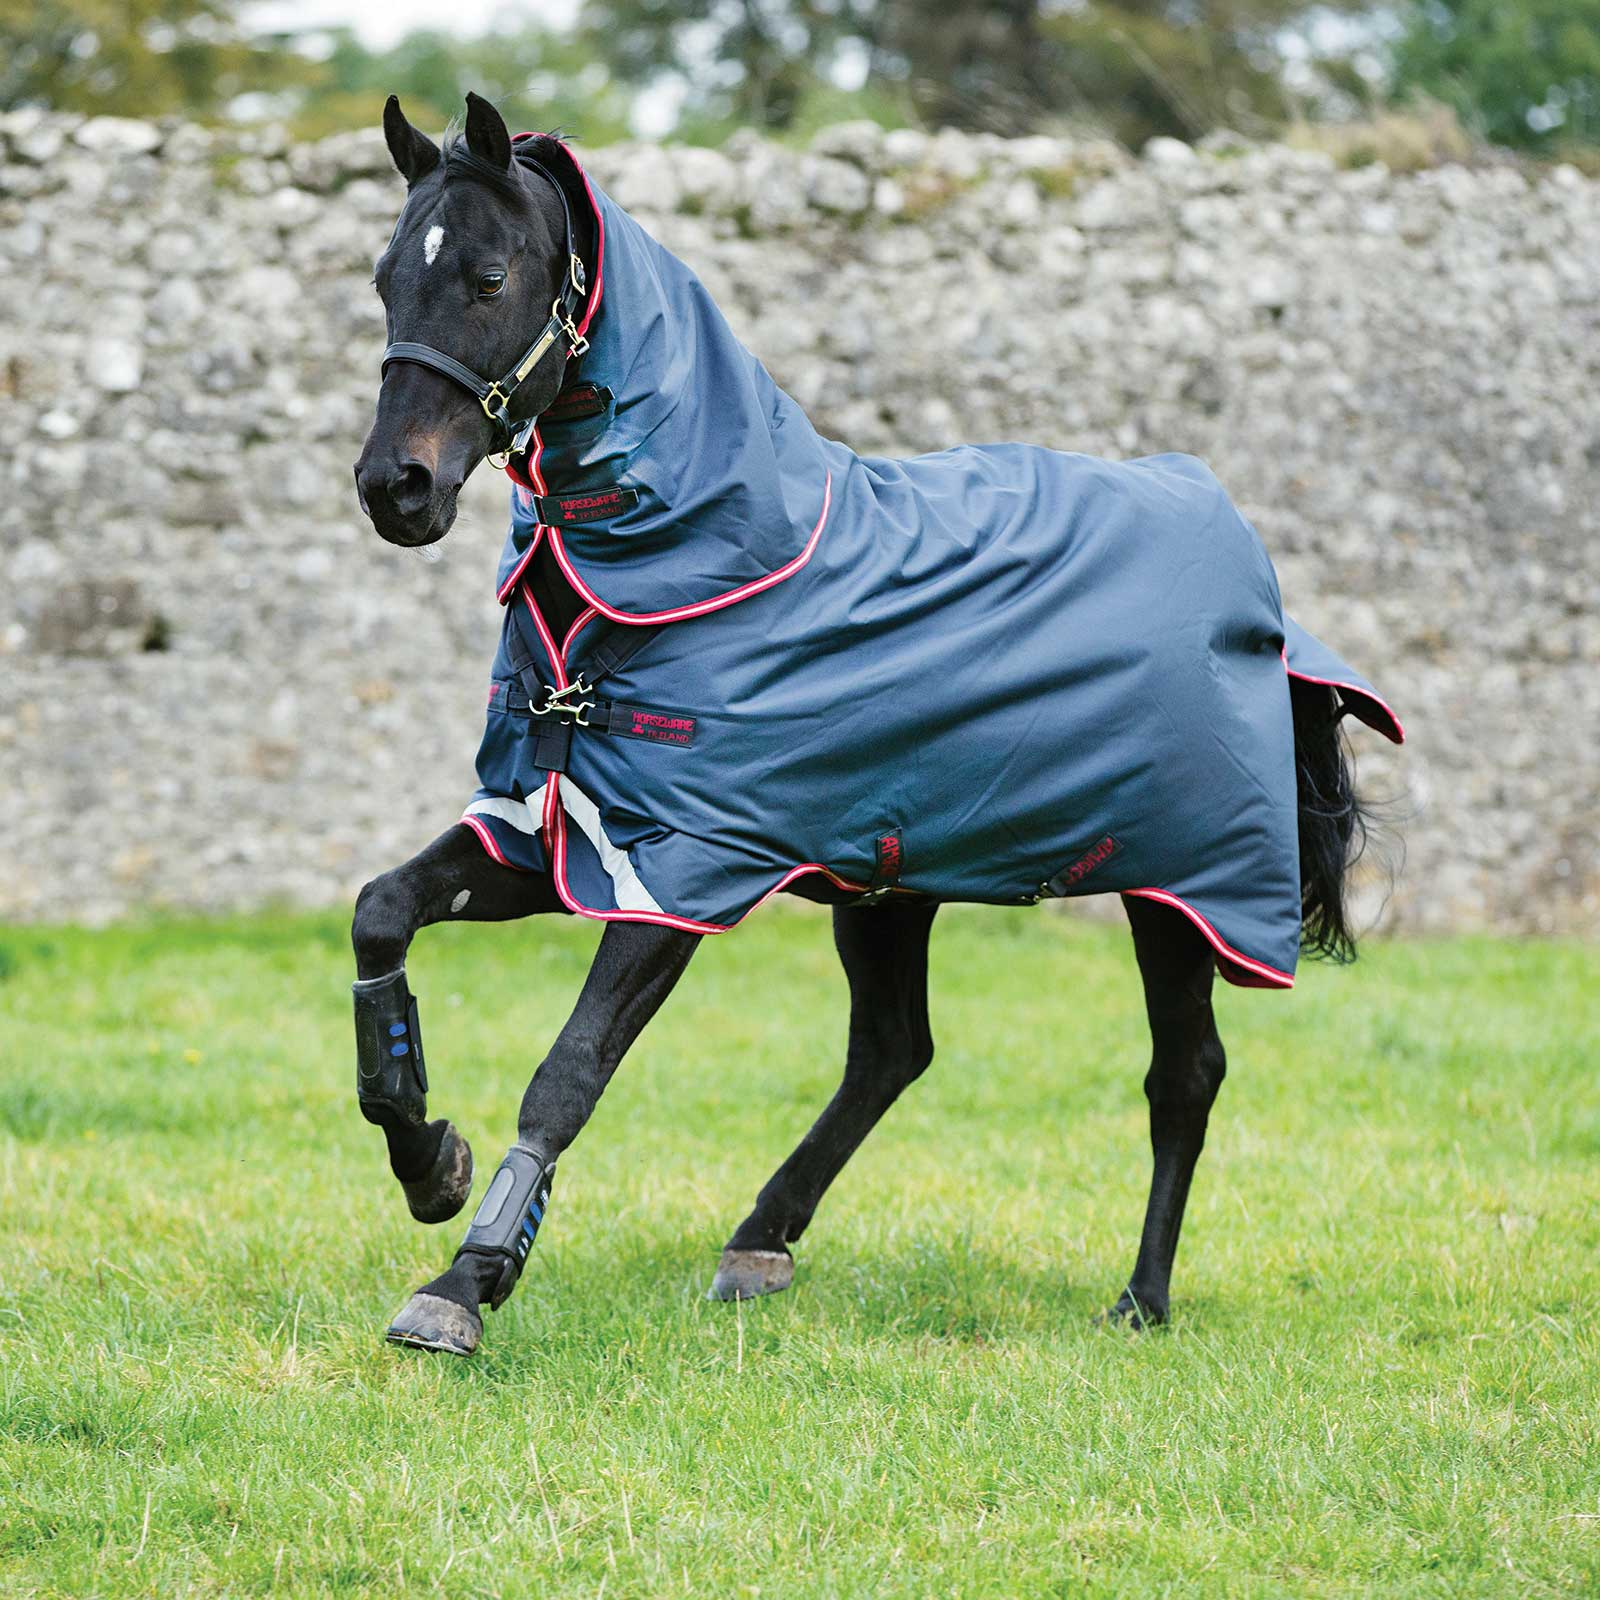 Horseware Amigo Bravo 12 Plus Turnout